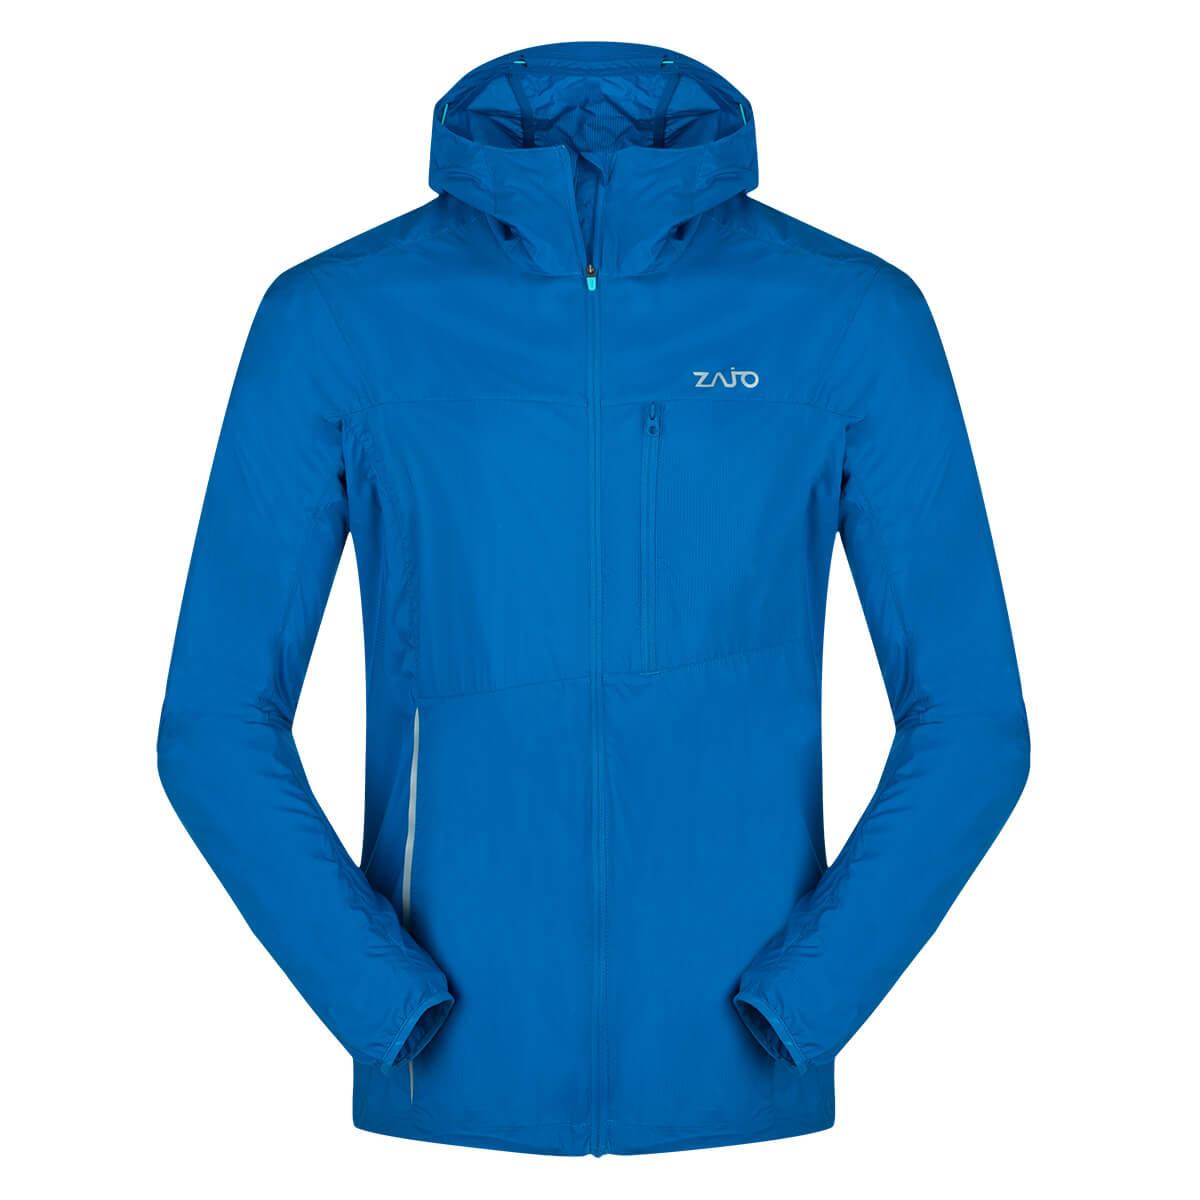 Pánska bunda Zajo Litio JKT Nautical Blue - veľkosť S